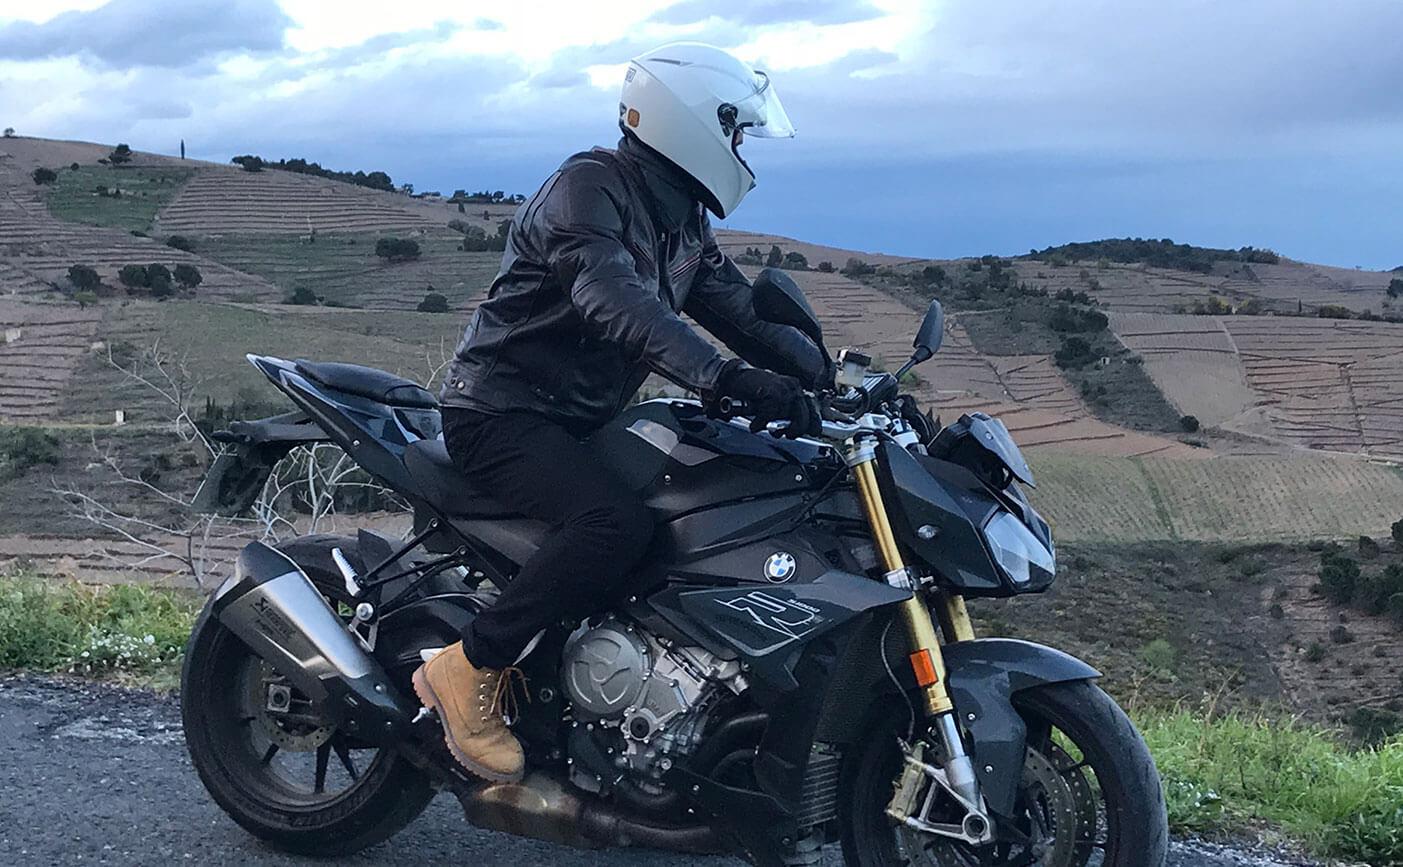 Photo du Blouson Motard modèle Rider de Zolki